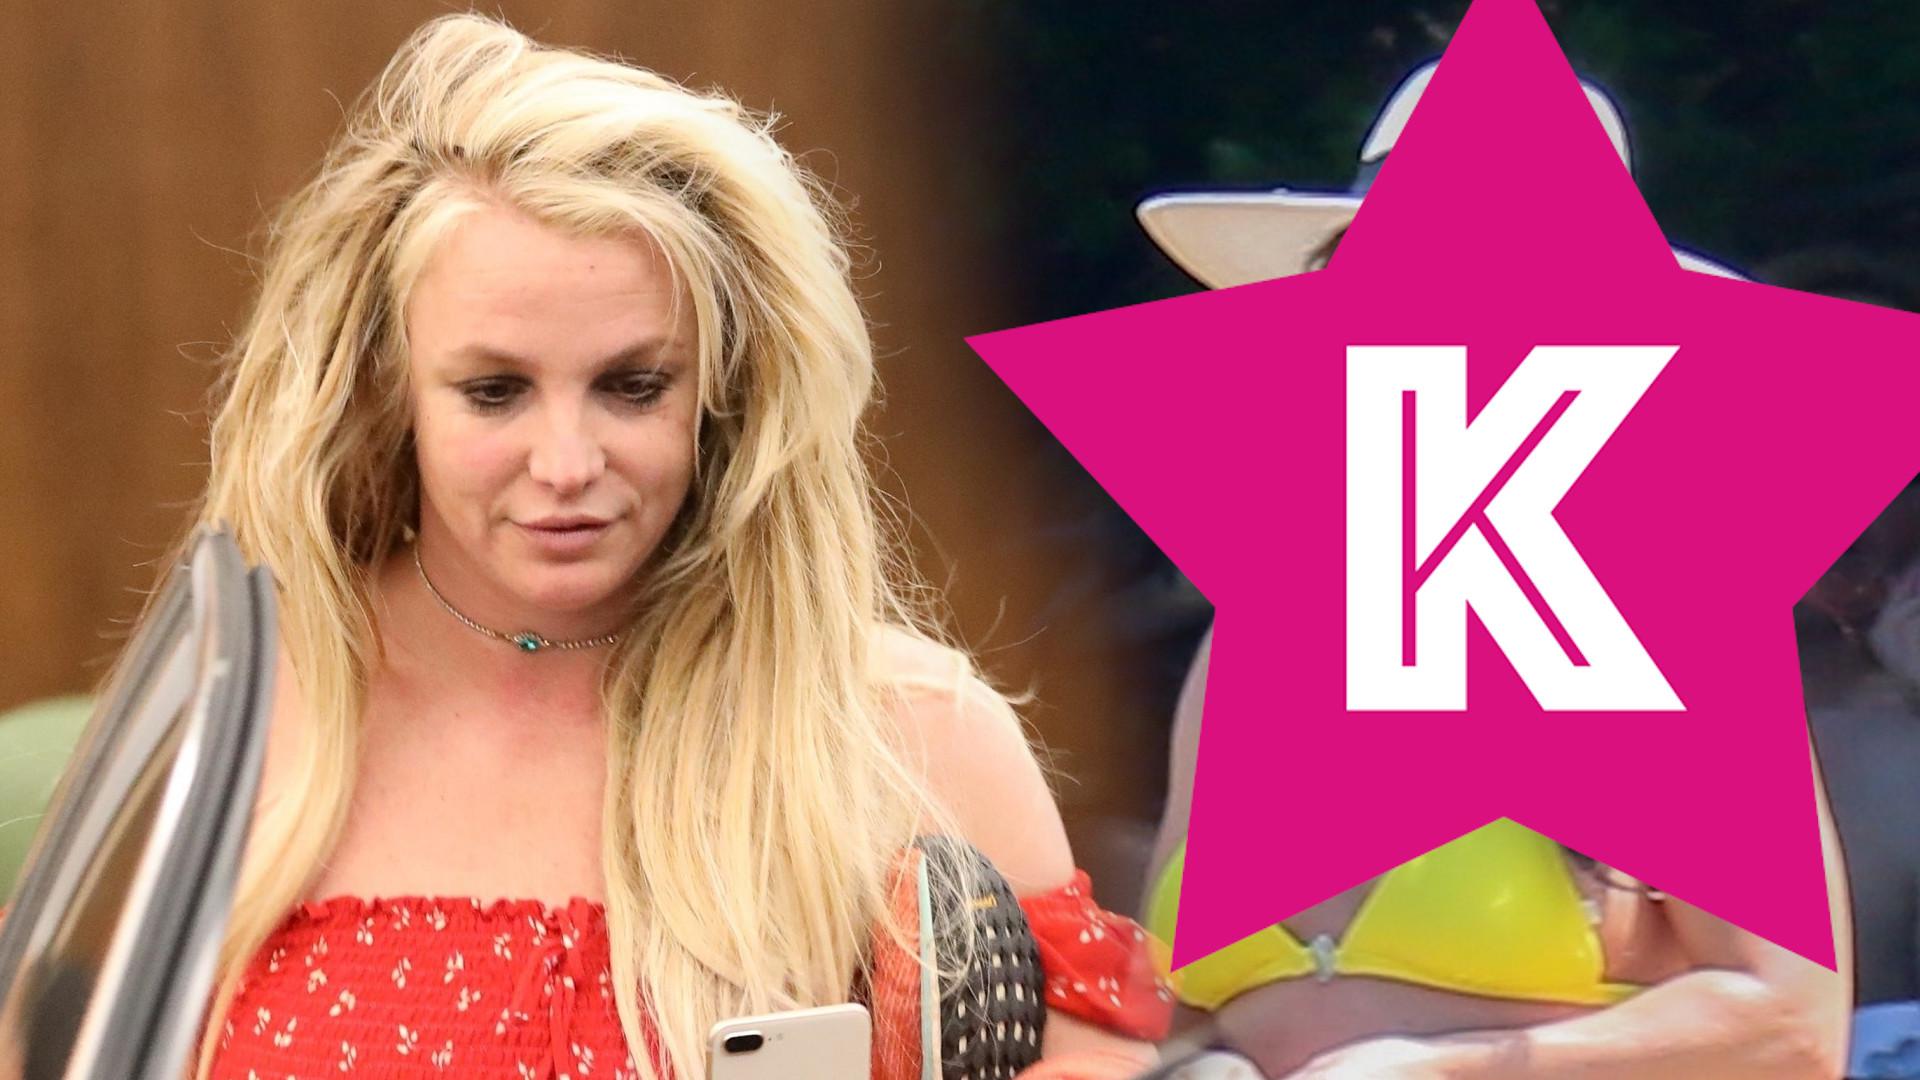 Britney Spears w BIKINI i w CIEMNYCH włosach – gwiazda kompletnie zmieniła wizerunek (ZDJĘCIE)